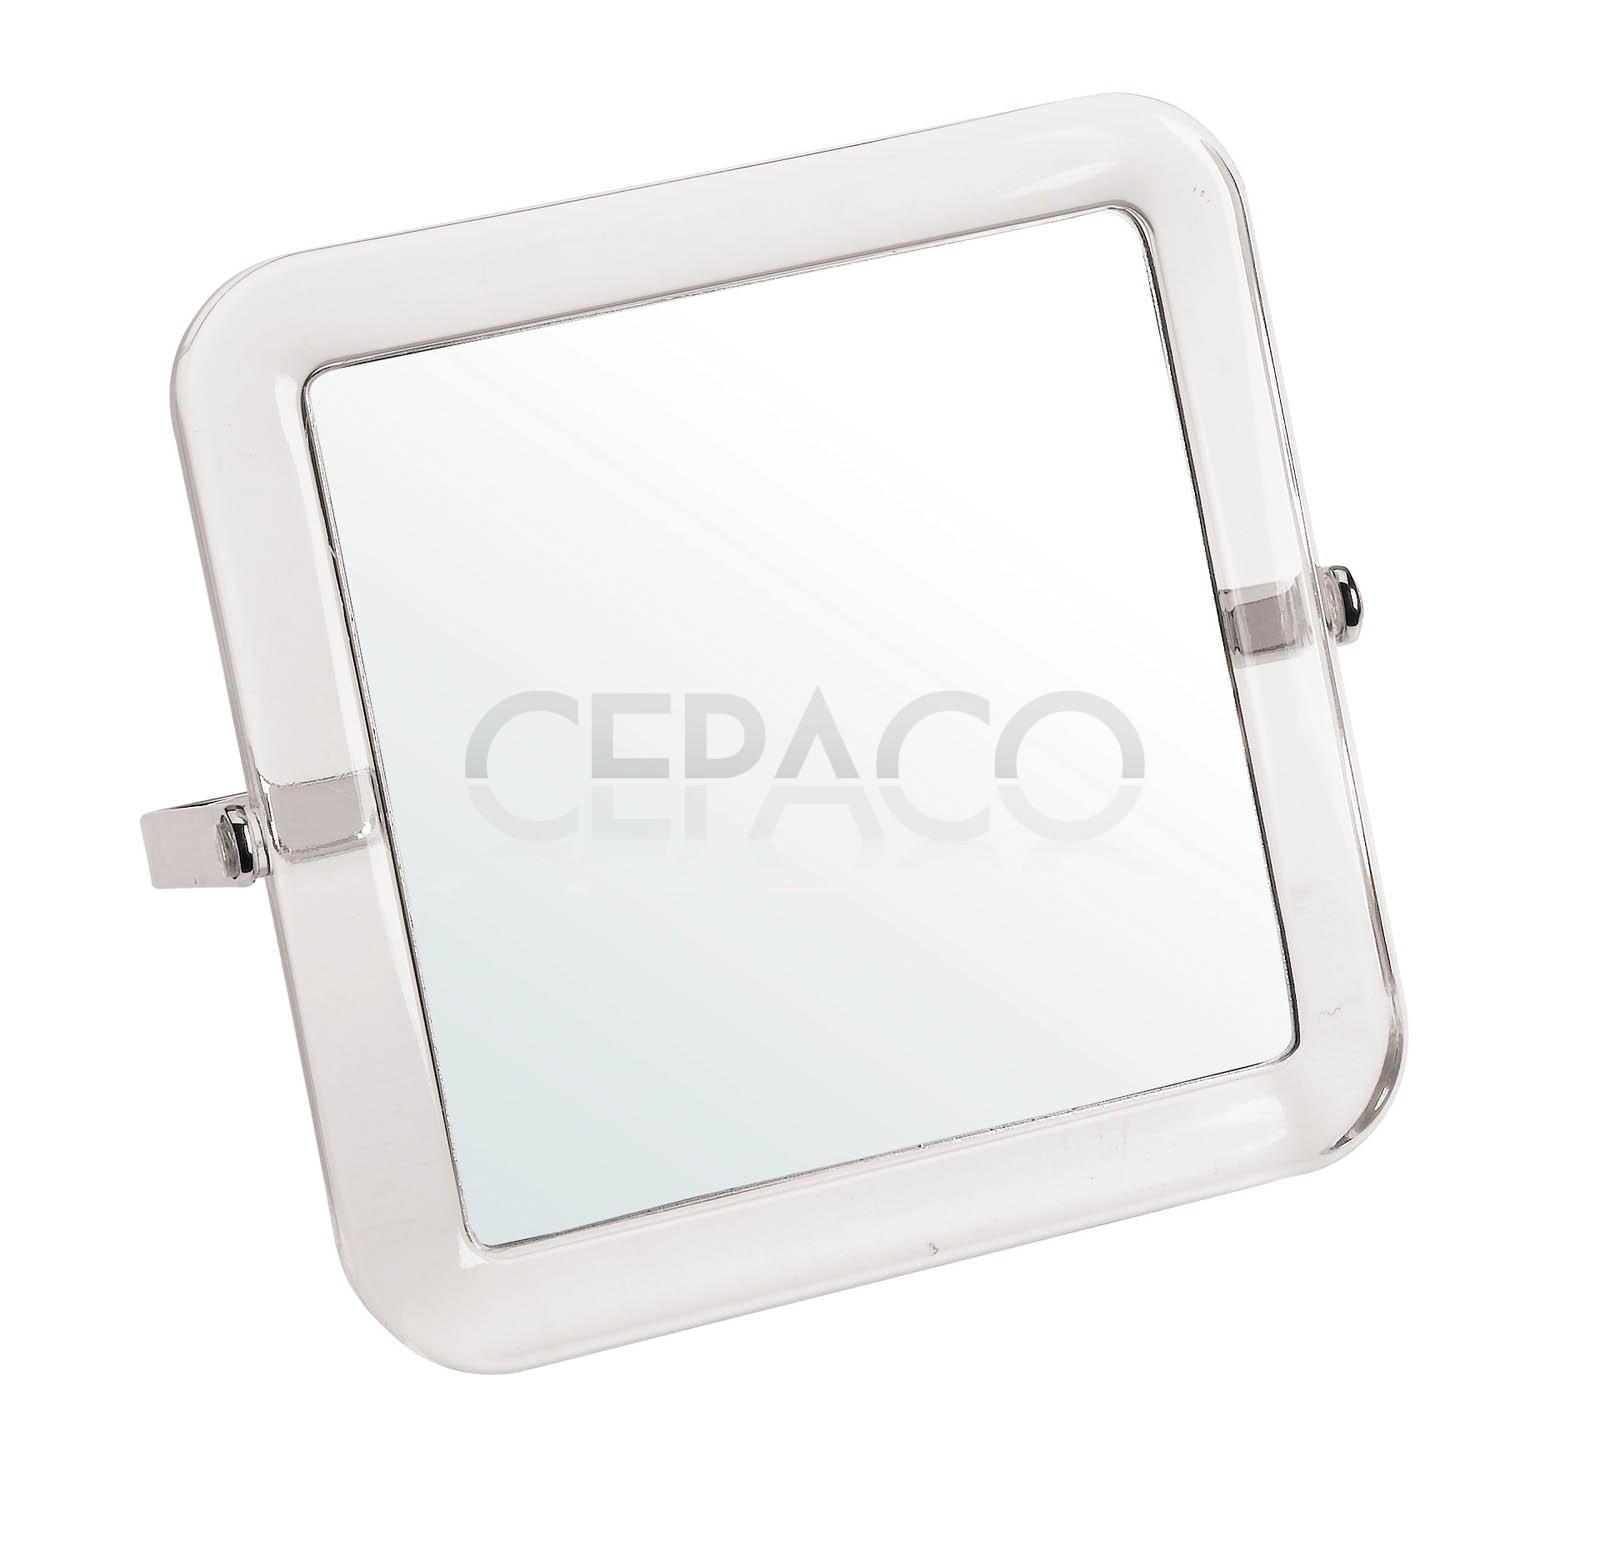 Miroir acrylique double face 15x15cm 5x cepaco le for Double face pour miroir